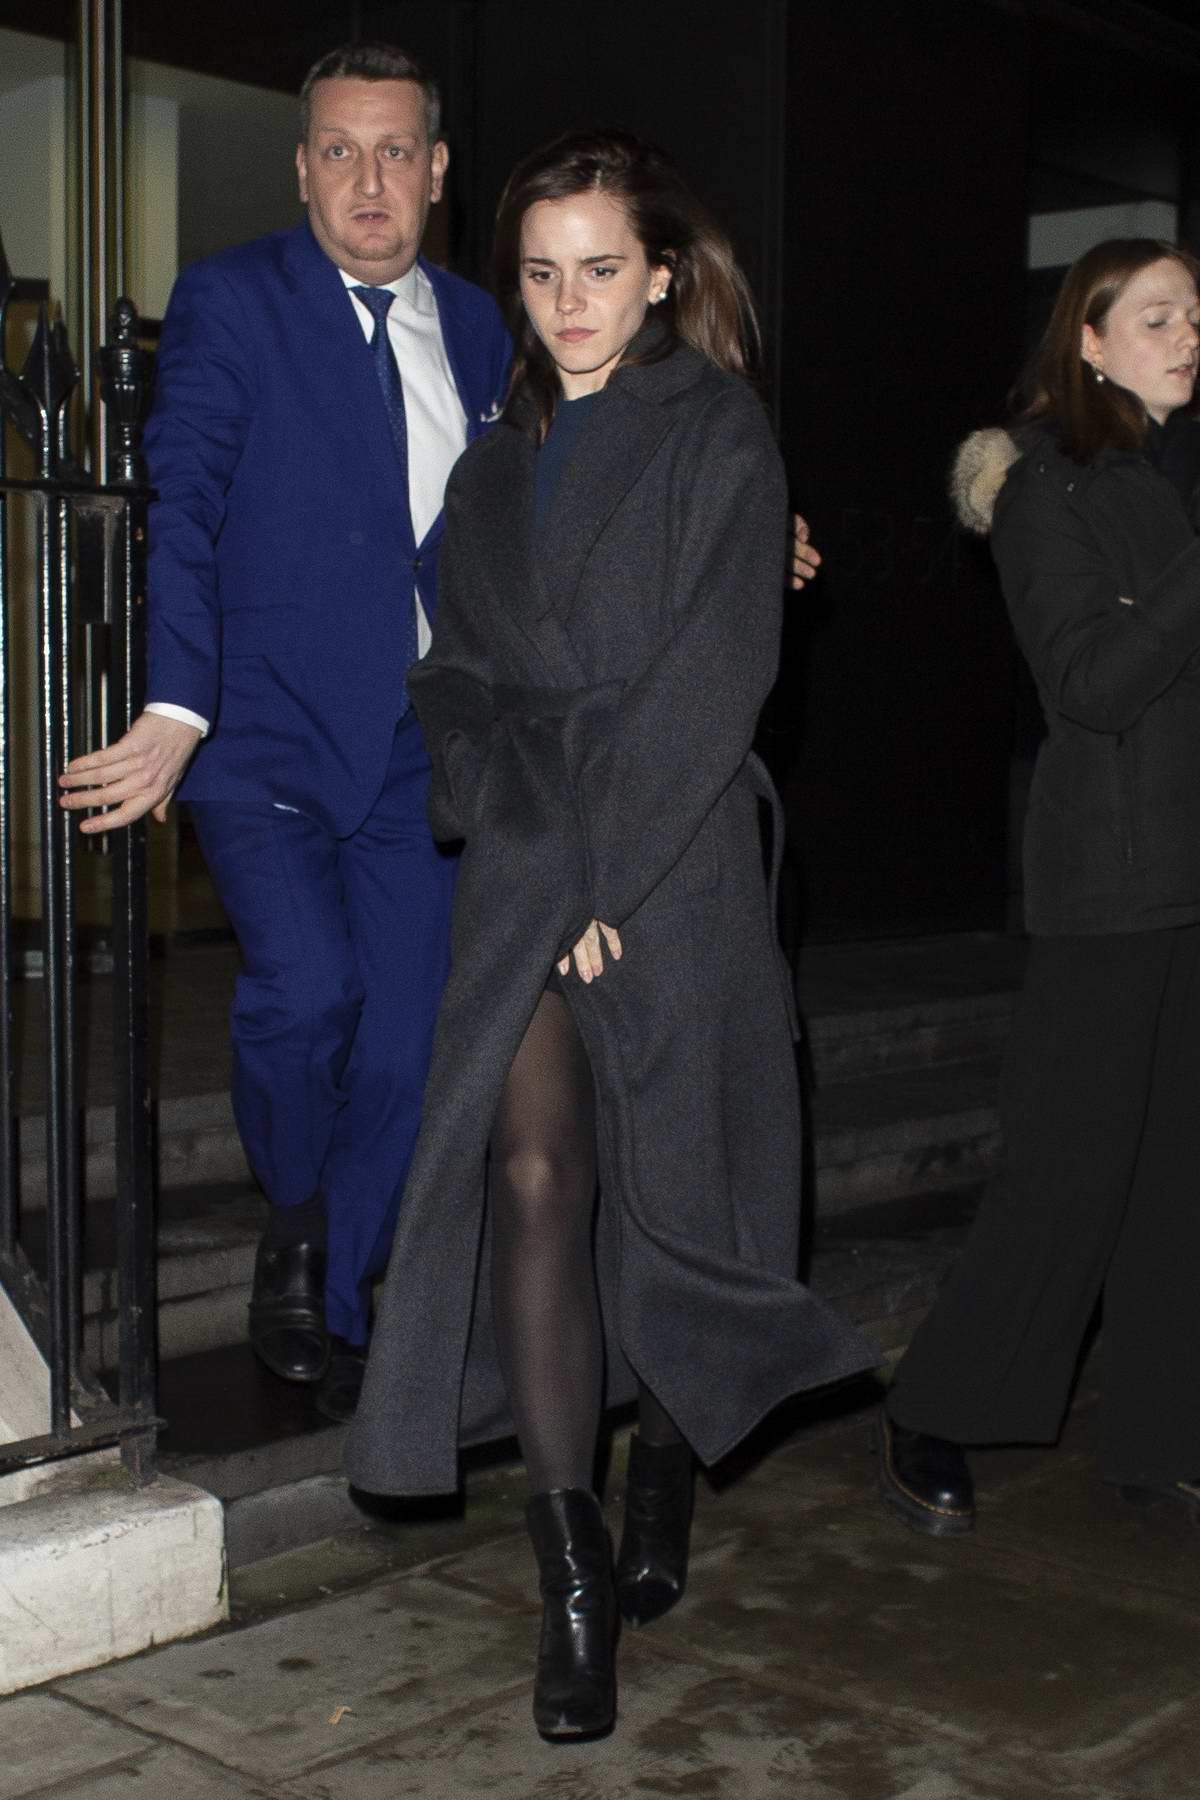 Emma Watson seen wearing a dark grey long coat as she leaves C restaurant in London, UK